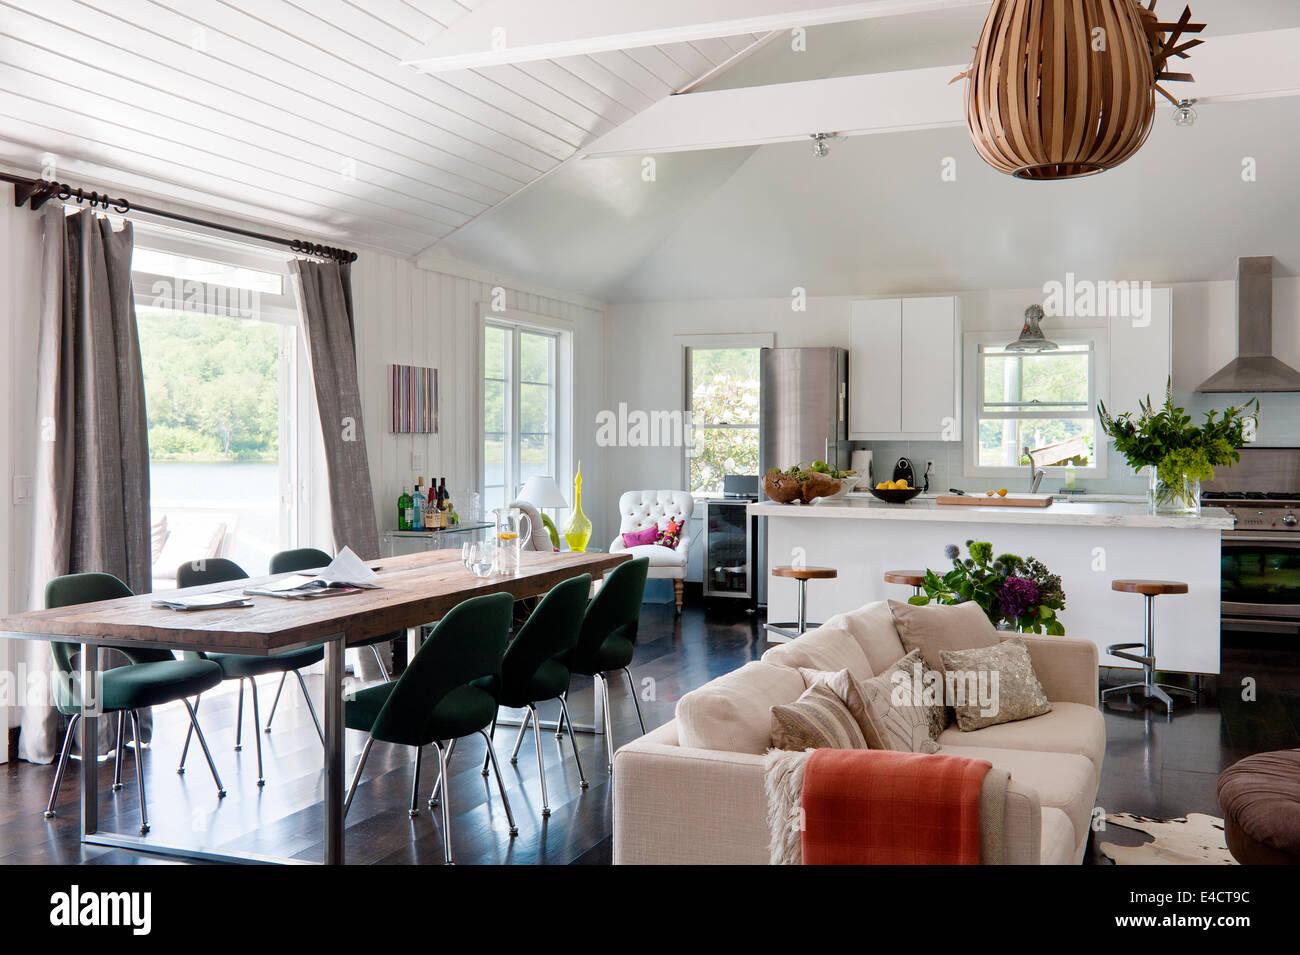 Divani Shabby Chic Ikea : Ikea soggiorno cucina fresco italian pareti divisorie cucina